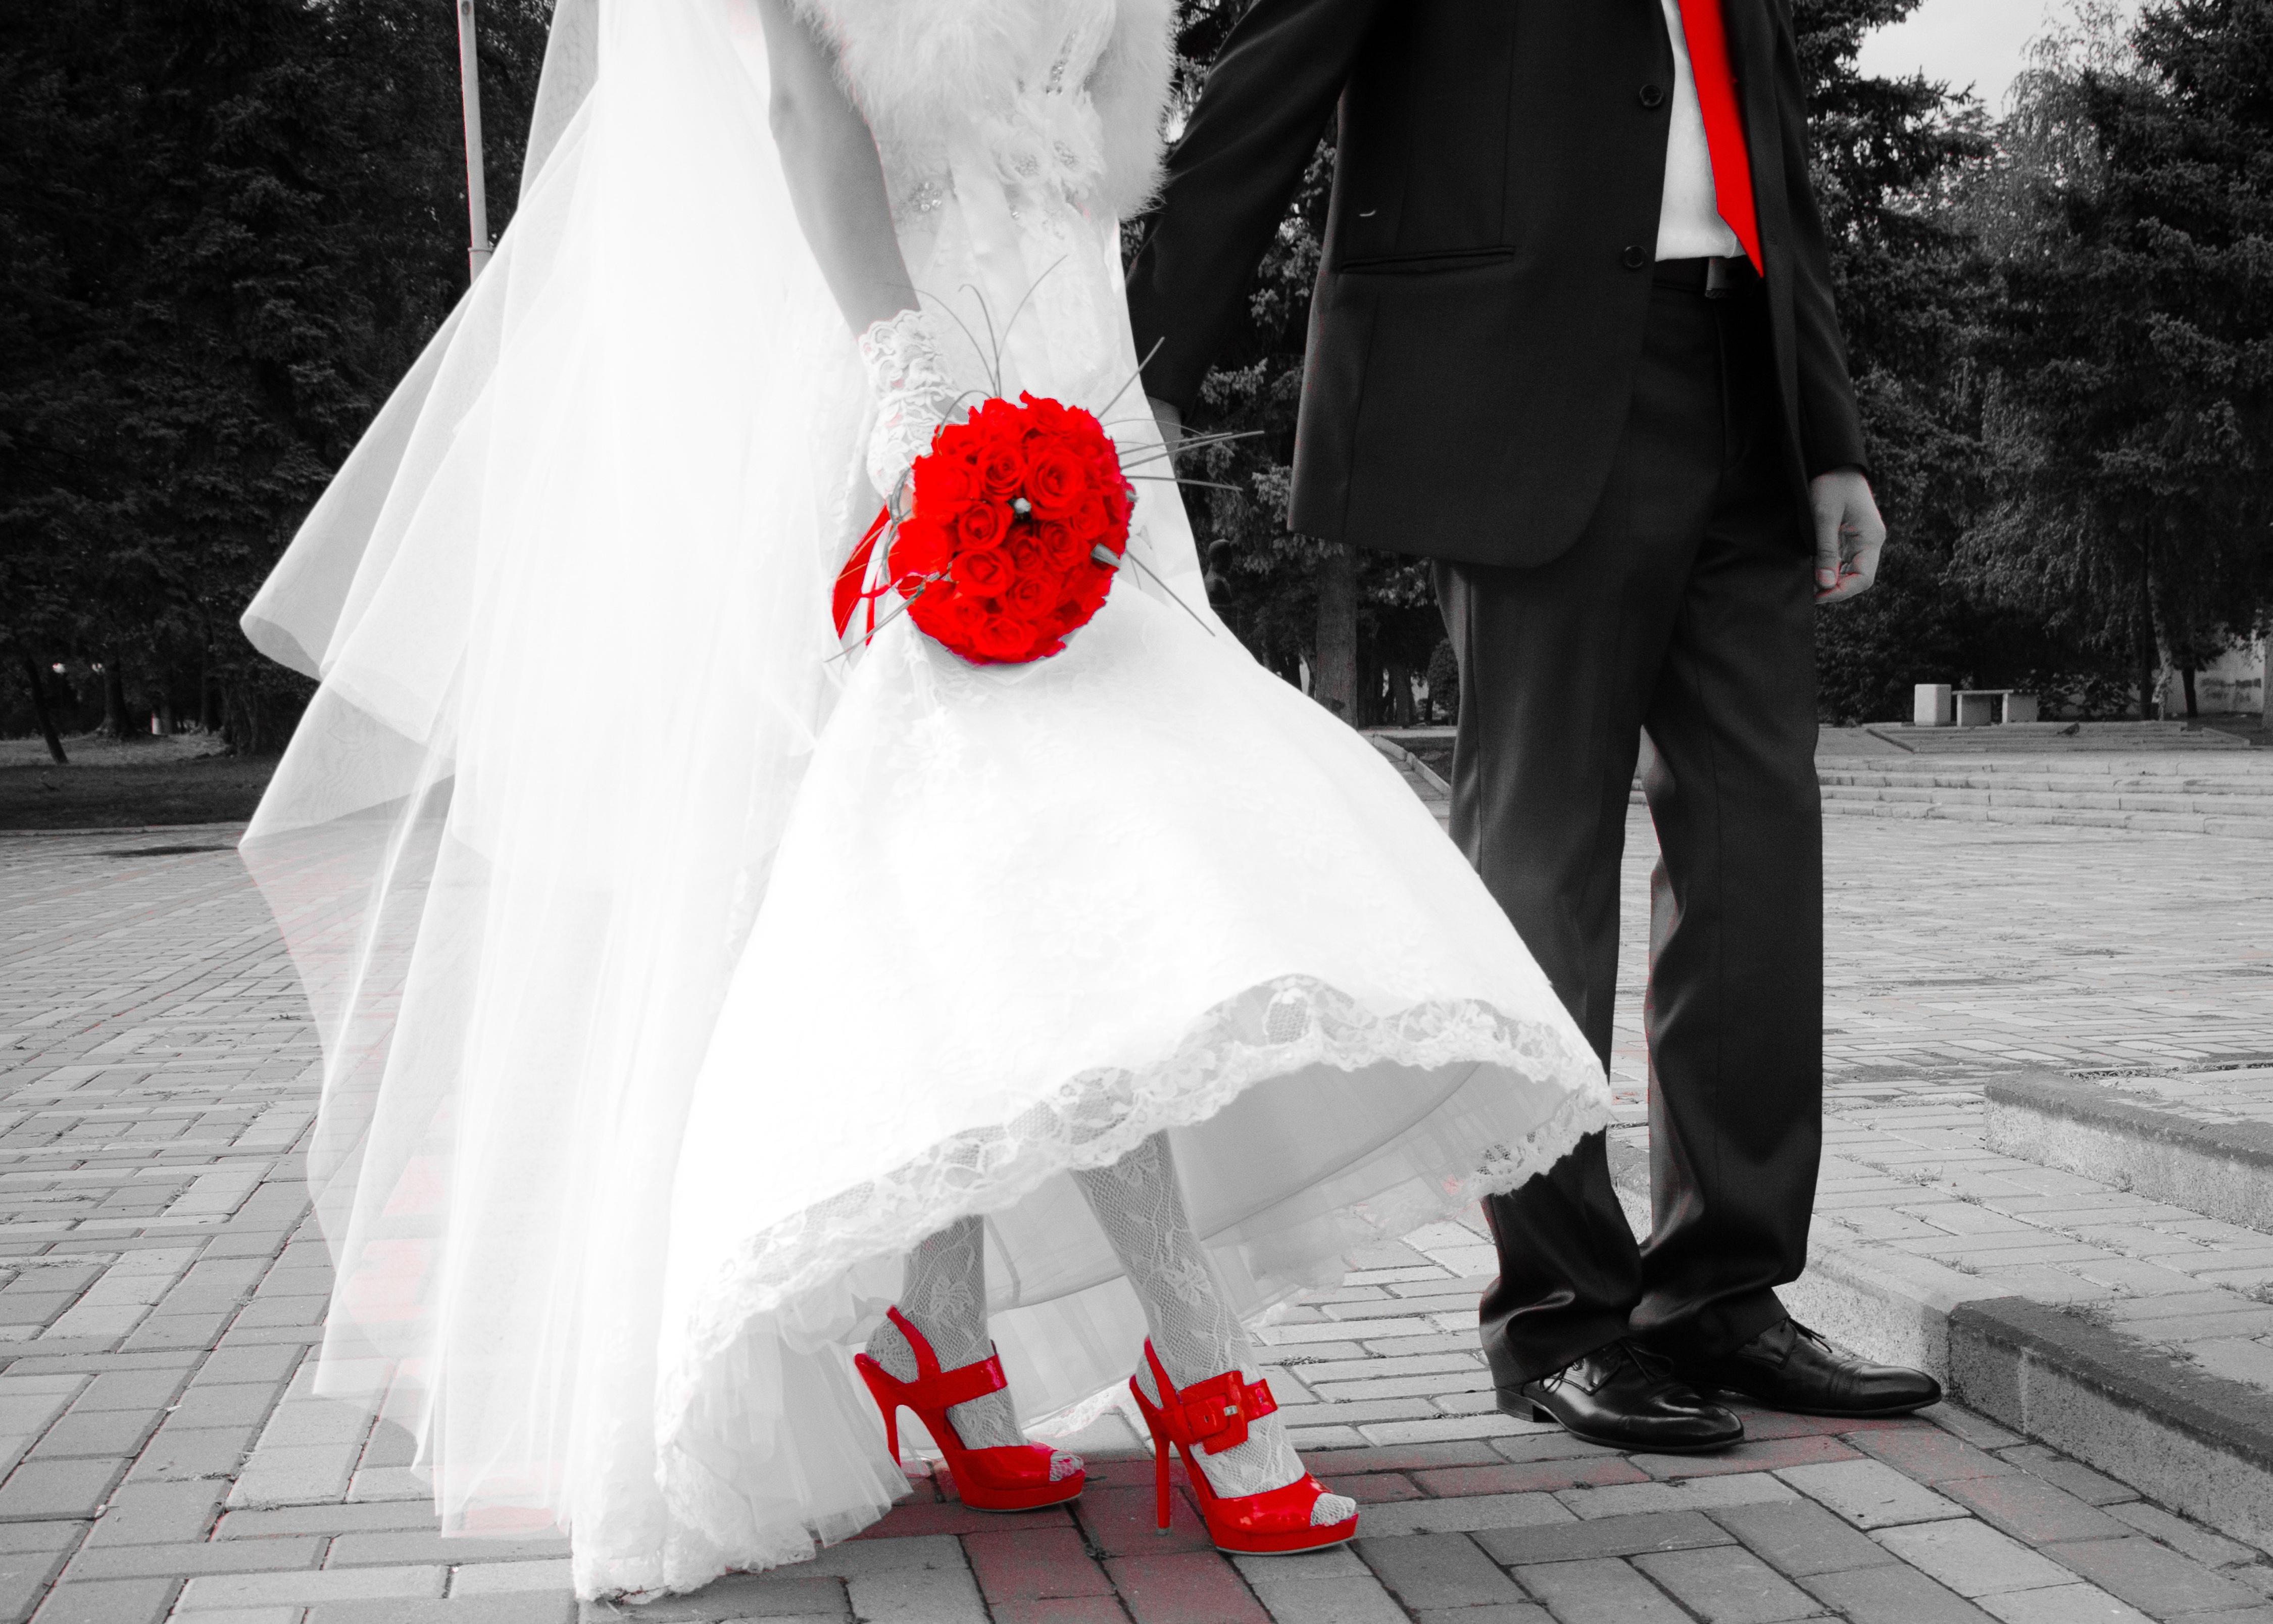 Ilmaisia Kuvia: mies, kukka, kevät, sateenvarjo, häät, morsian ja sulhanen, seremonia 5184x2920